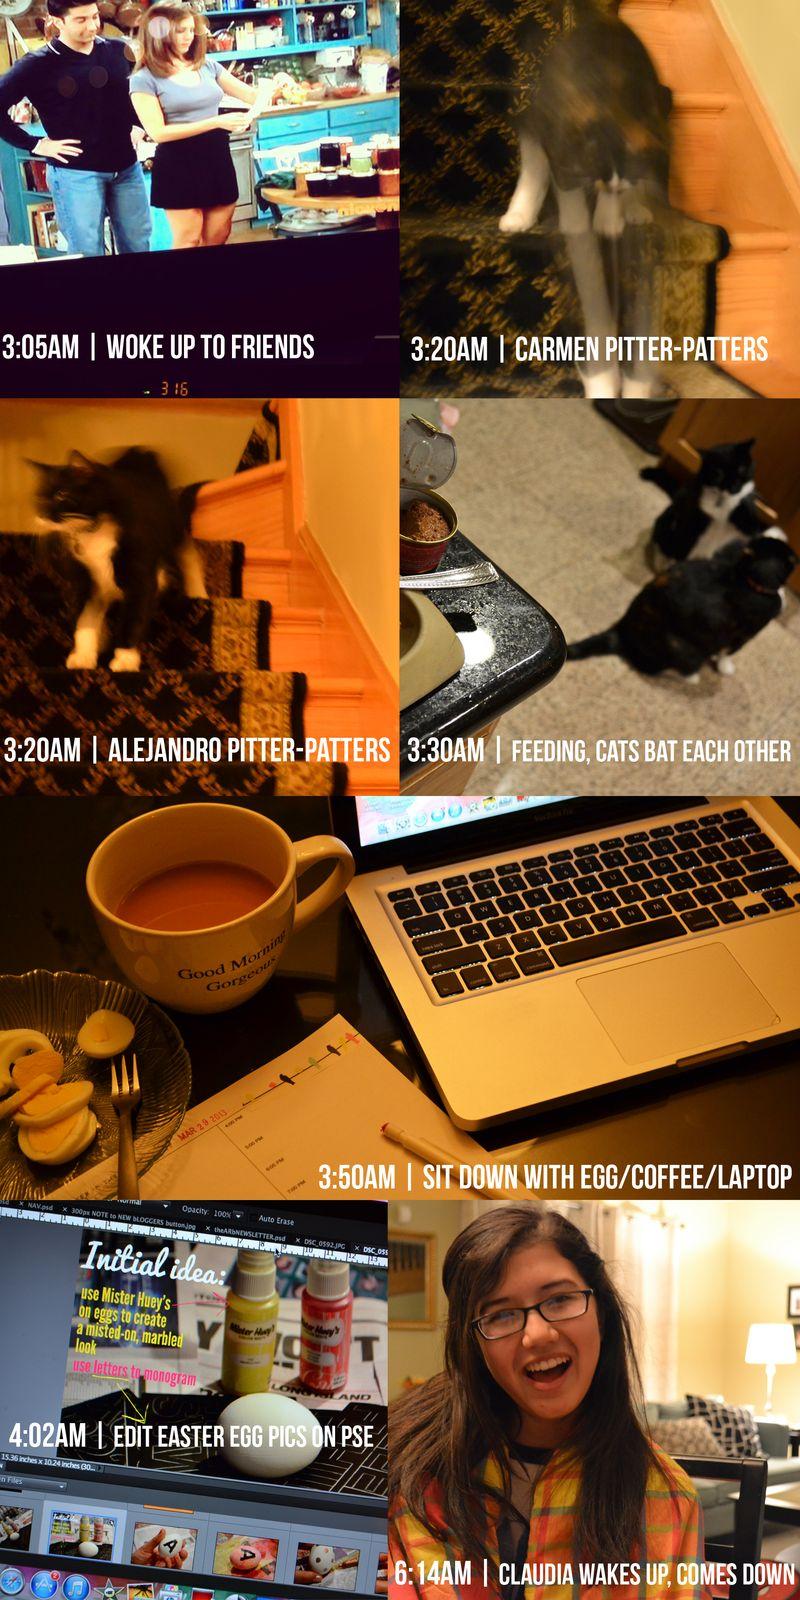 AEdwards_DayInTheLife6x12PhotoCollage_5_edited-1